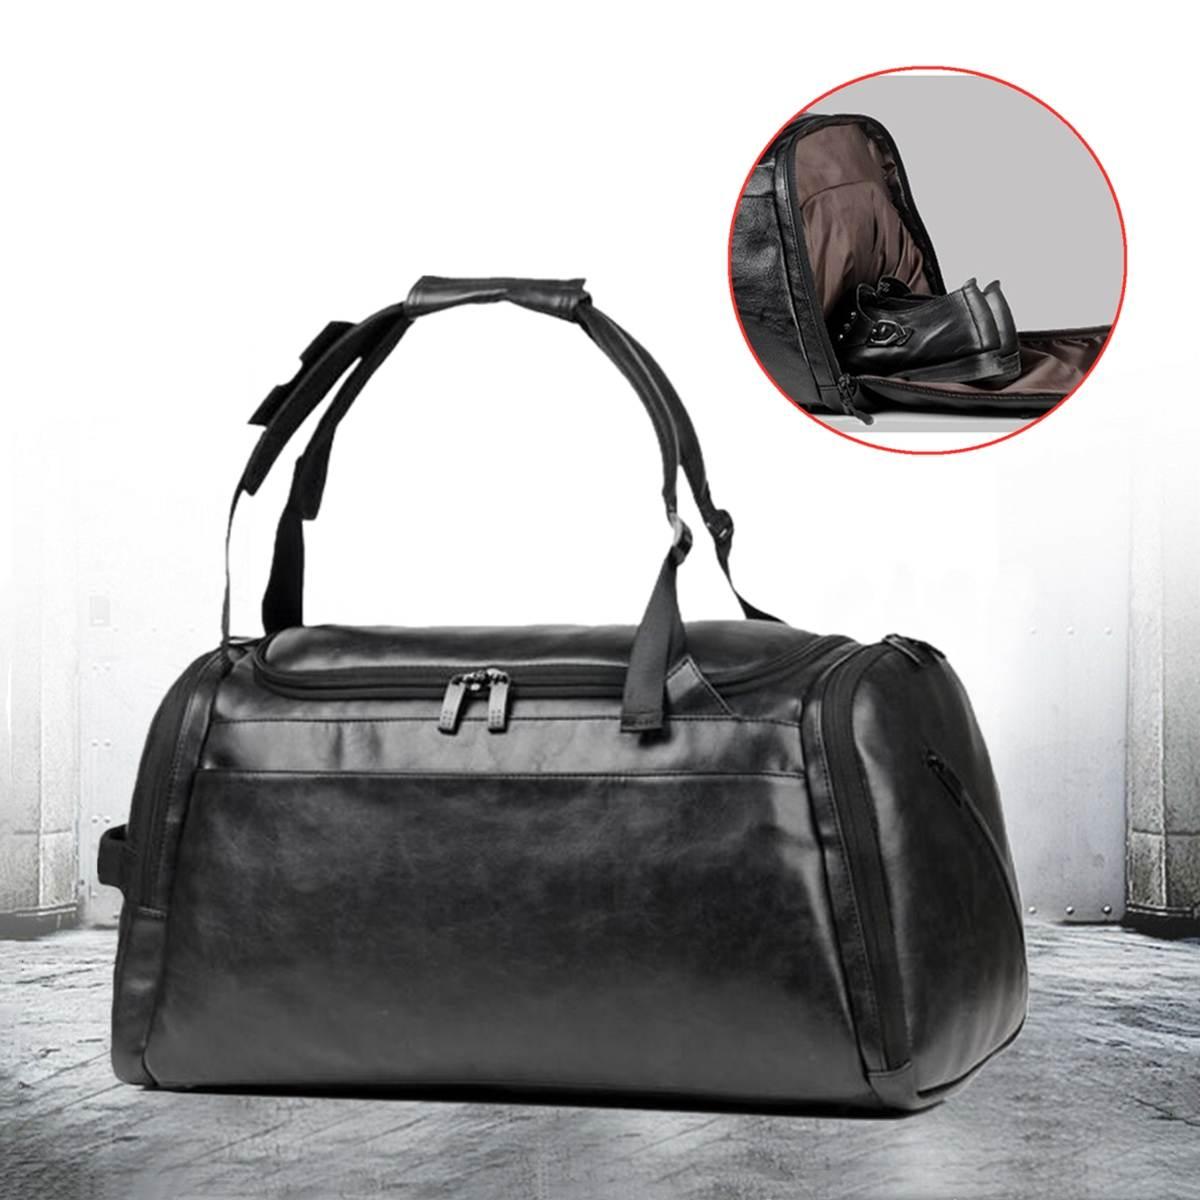 435e7a92 Многофункциональная Кожаная мужская и женская сумка для путешествий, большая  Вместительная дорожная сумка, сумка на плечо, спортивная сумк.